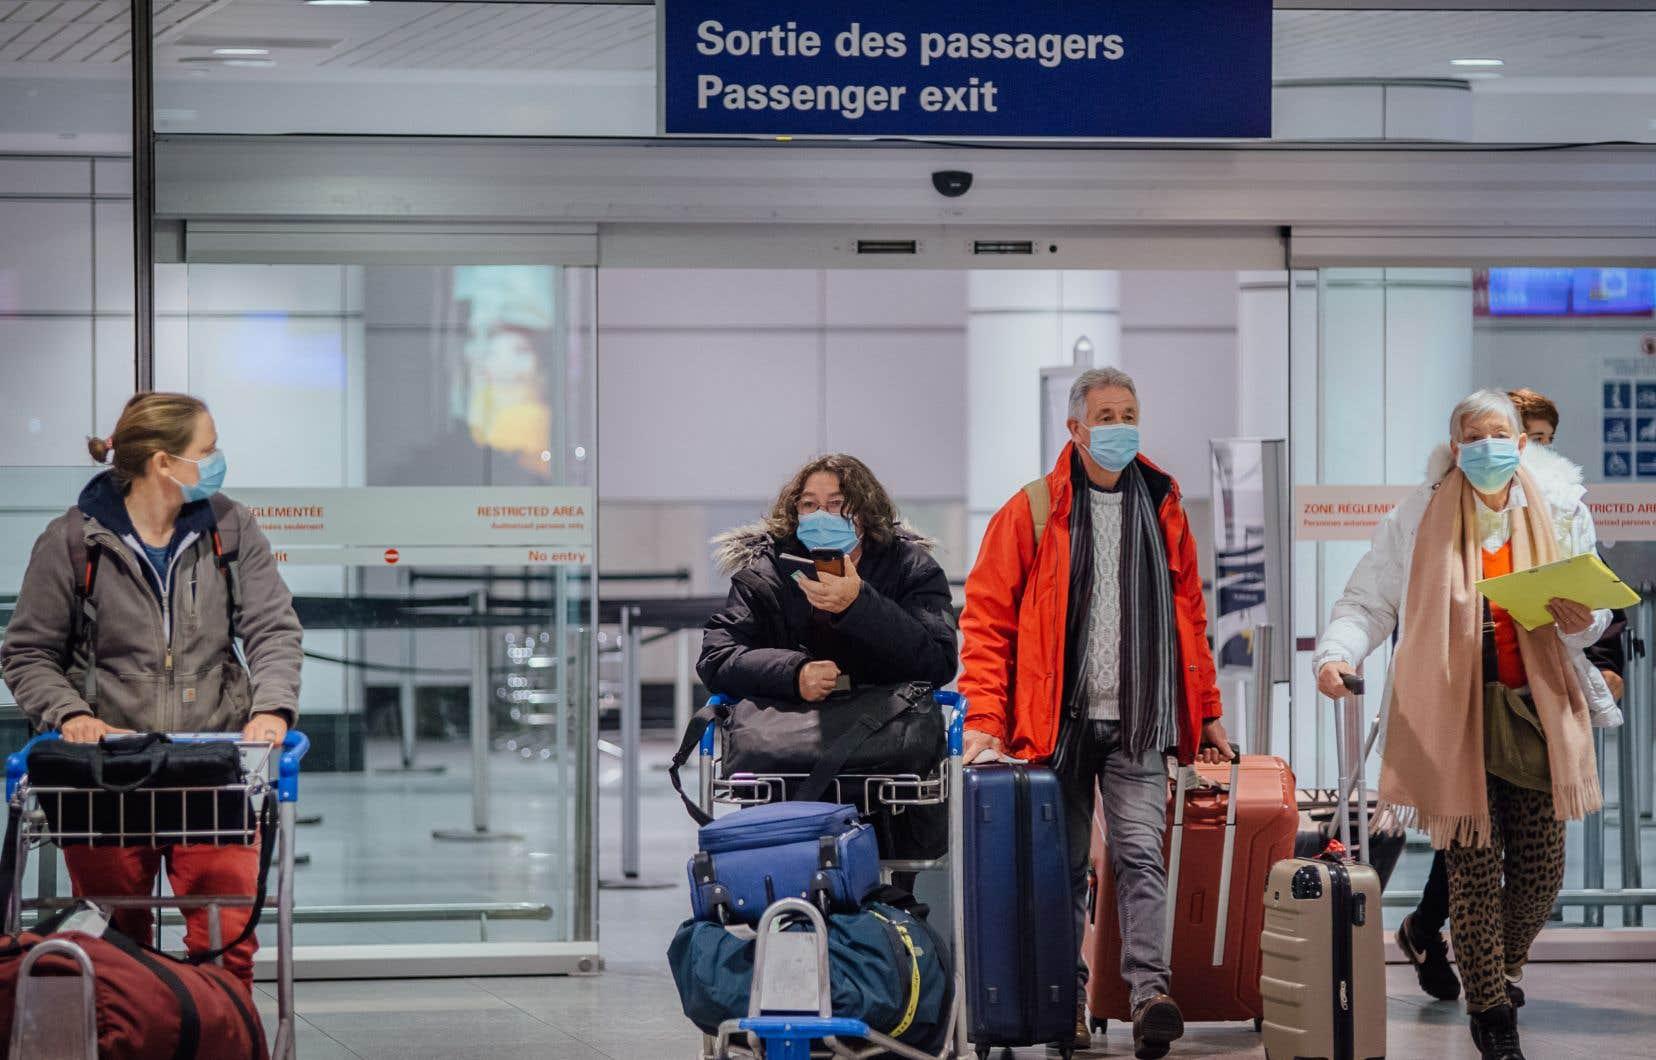 Les Canadiens de retour au pays après un voyage sont présentement admissibles au versement de la PCMRE en raison de leur quarantaine obligatoire de 14 jours.